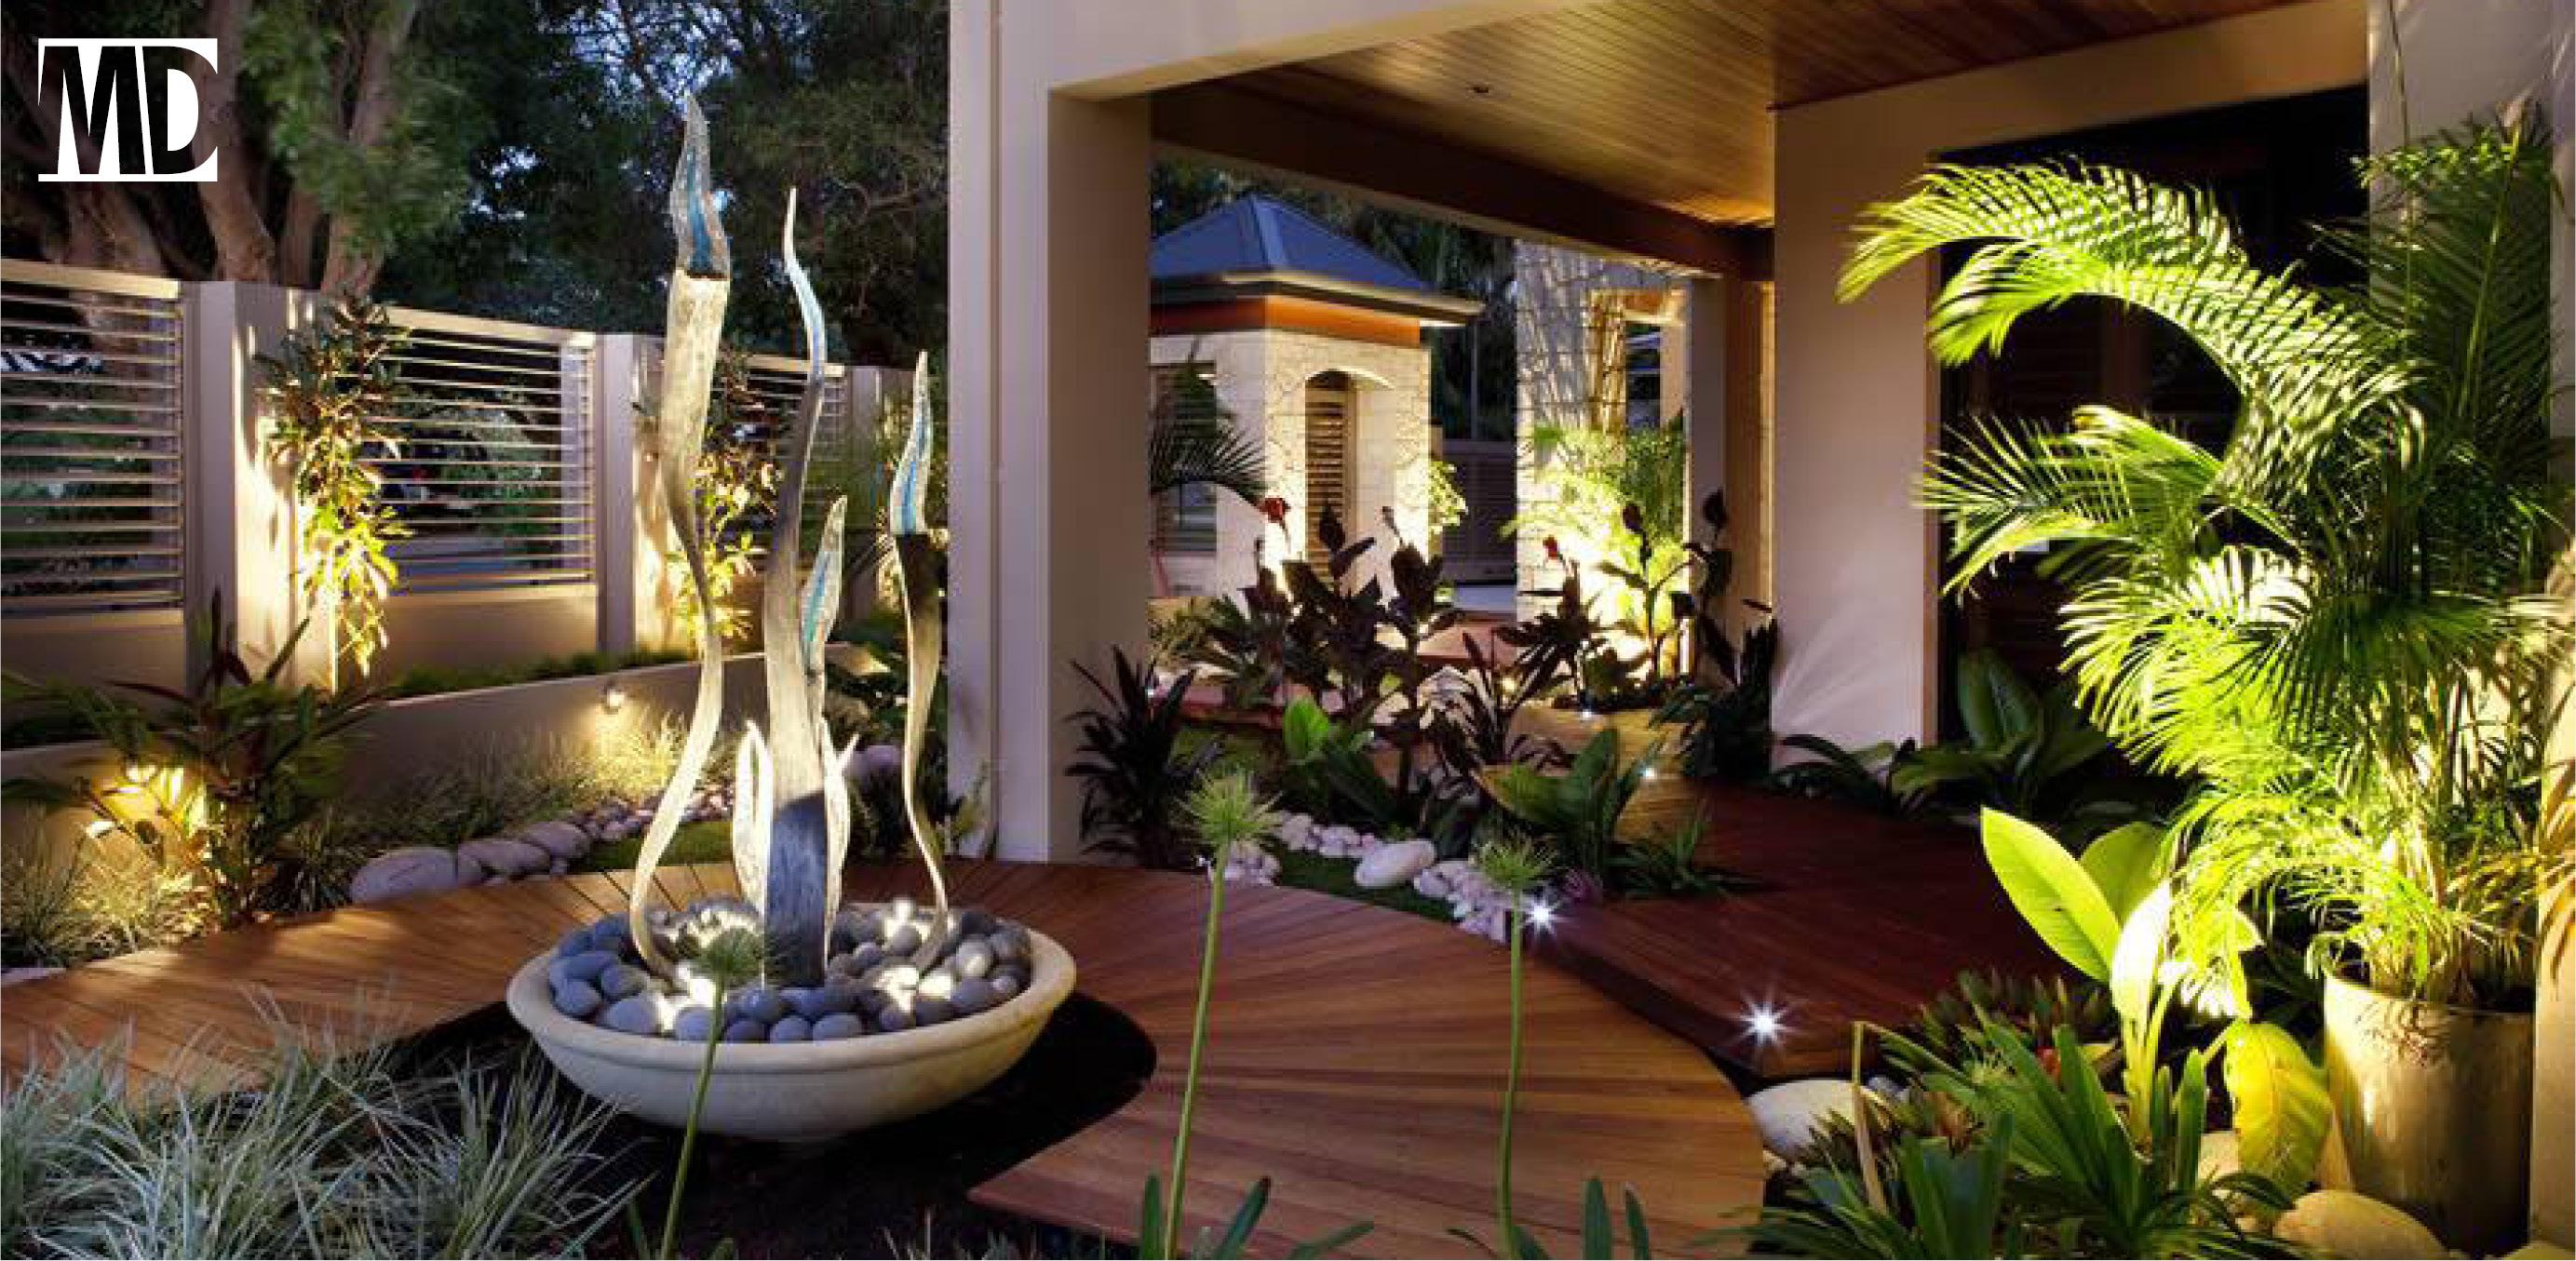 Un jardín al frente de mi casa u oficina: Invita a la energía a entrar